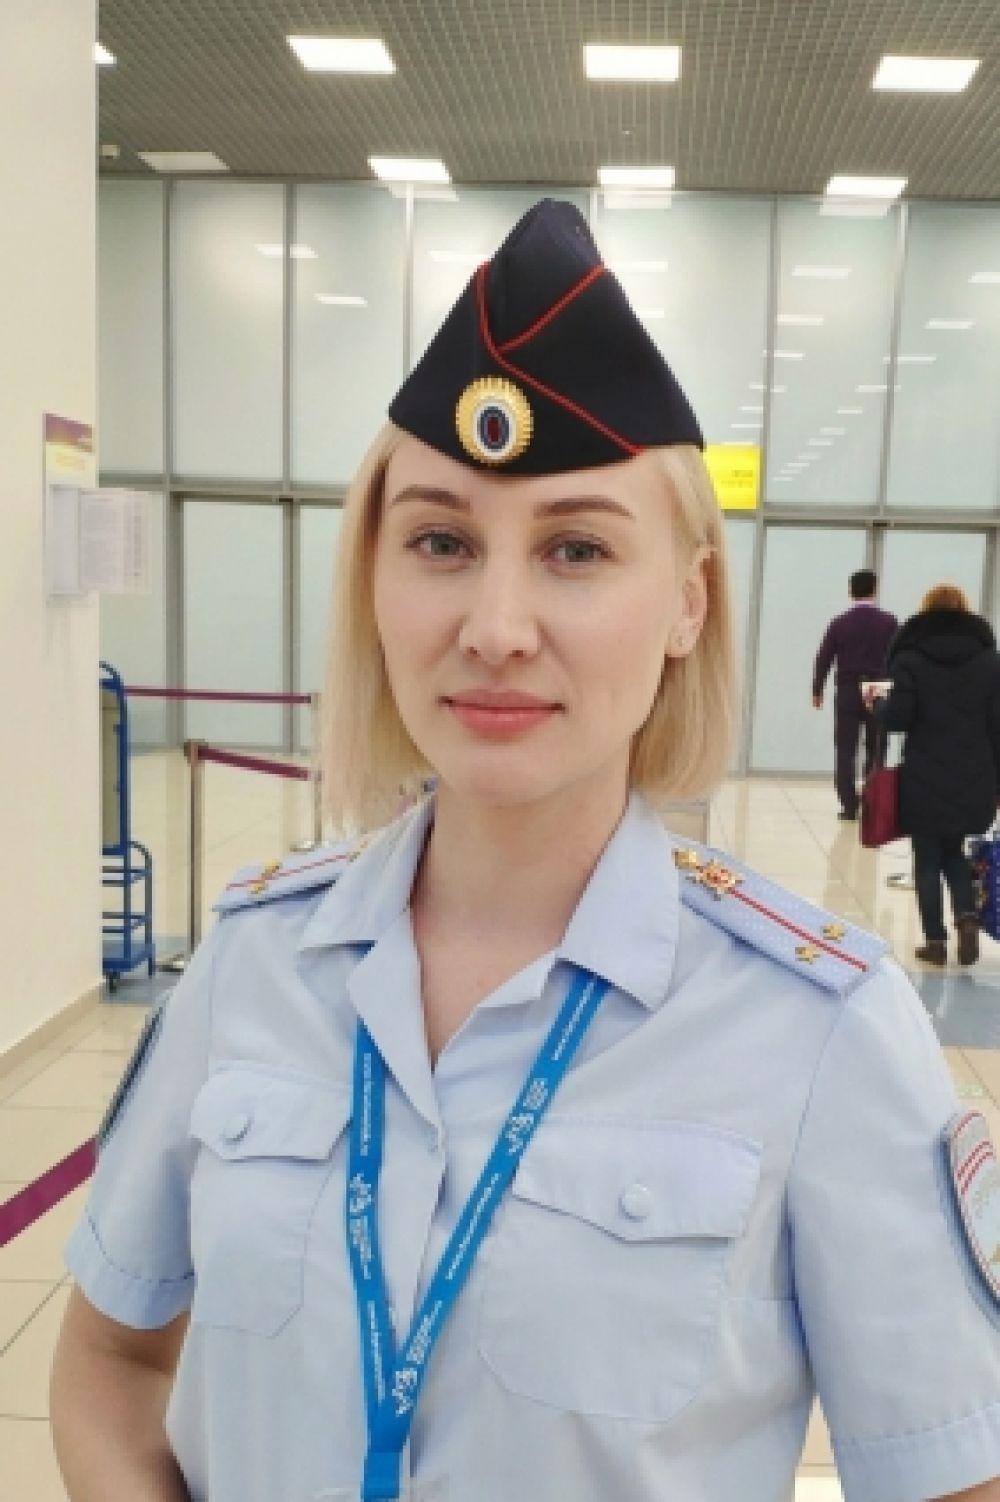 Очковская Олеся, младший инспектор ОПД ЛОП в аэропорту Владивосток, младший лейтенант полиции Владивостокского ЛУ МВД России на транспорте.